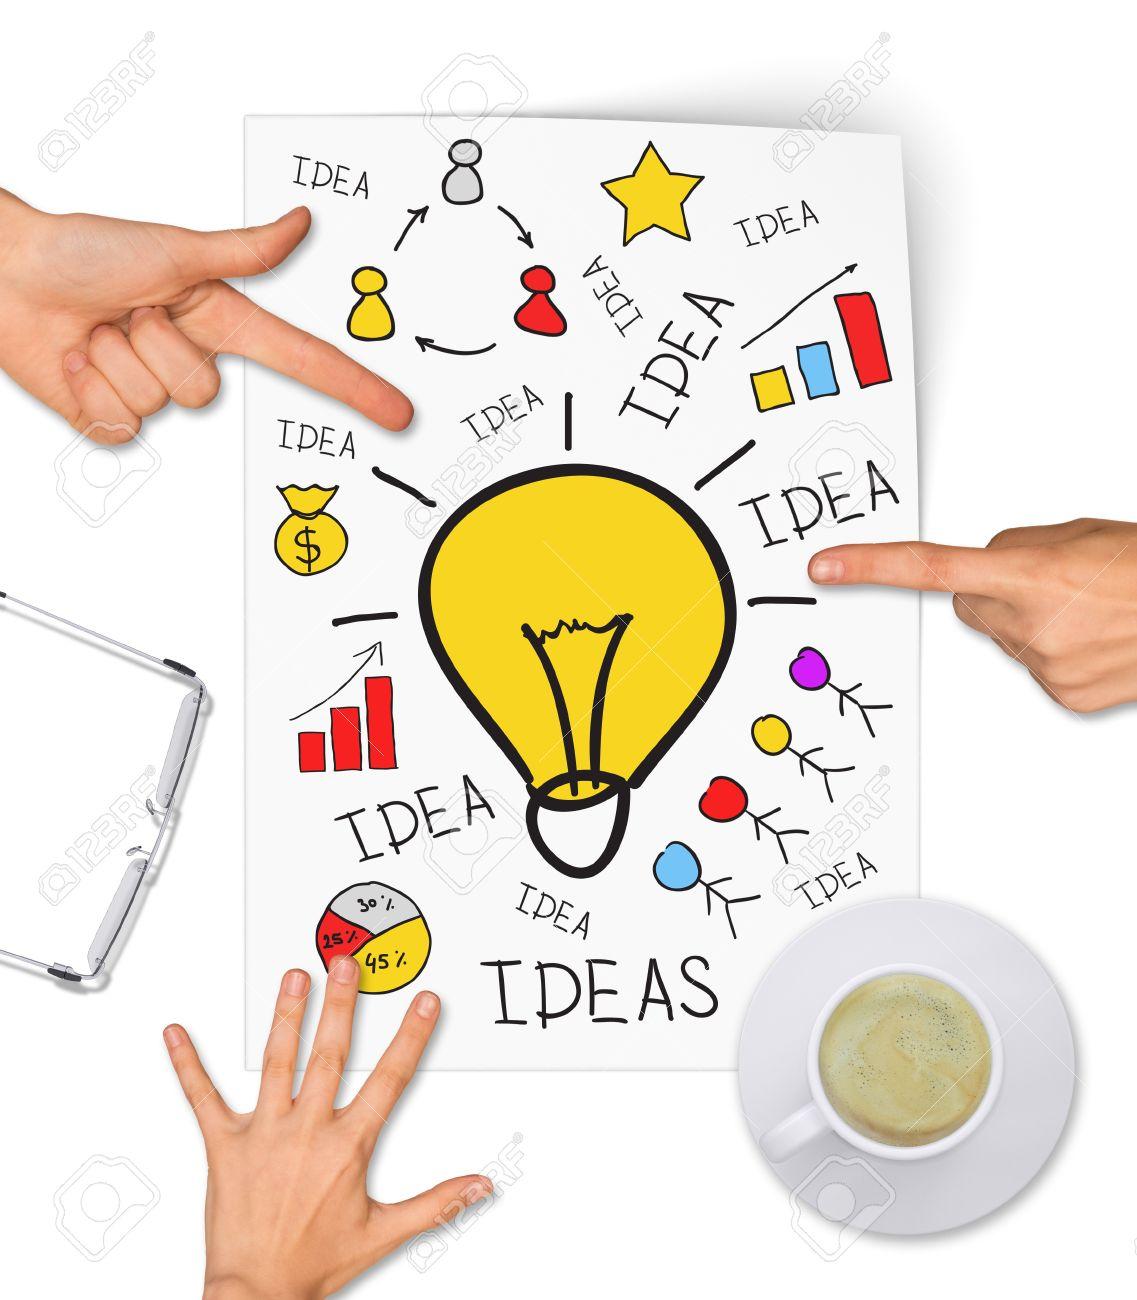 Genial Collage Ideen Beste Wahl Zum Ausdruck Konzept Der Kreativen Ideen, Auf